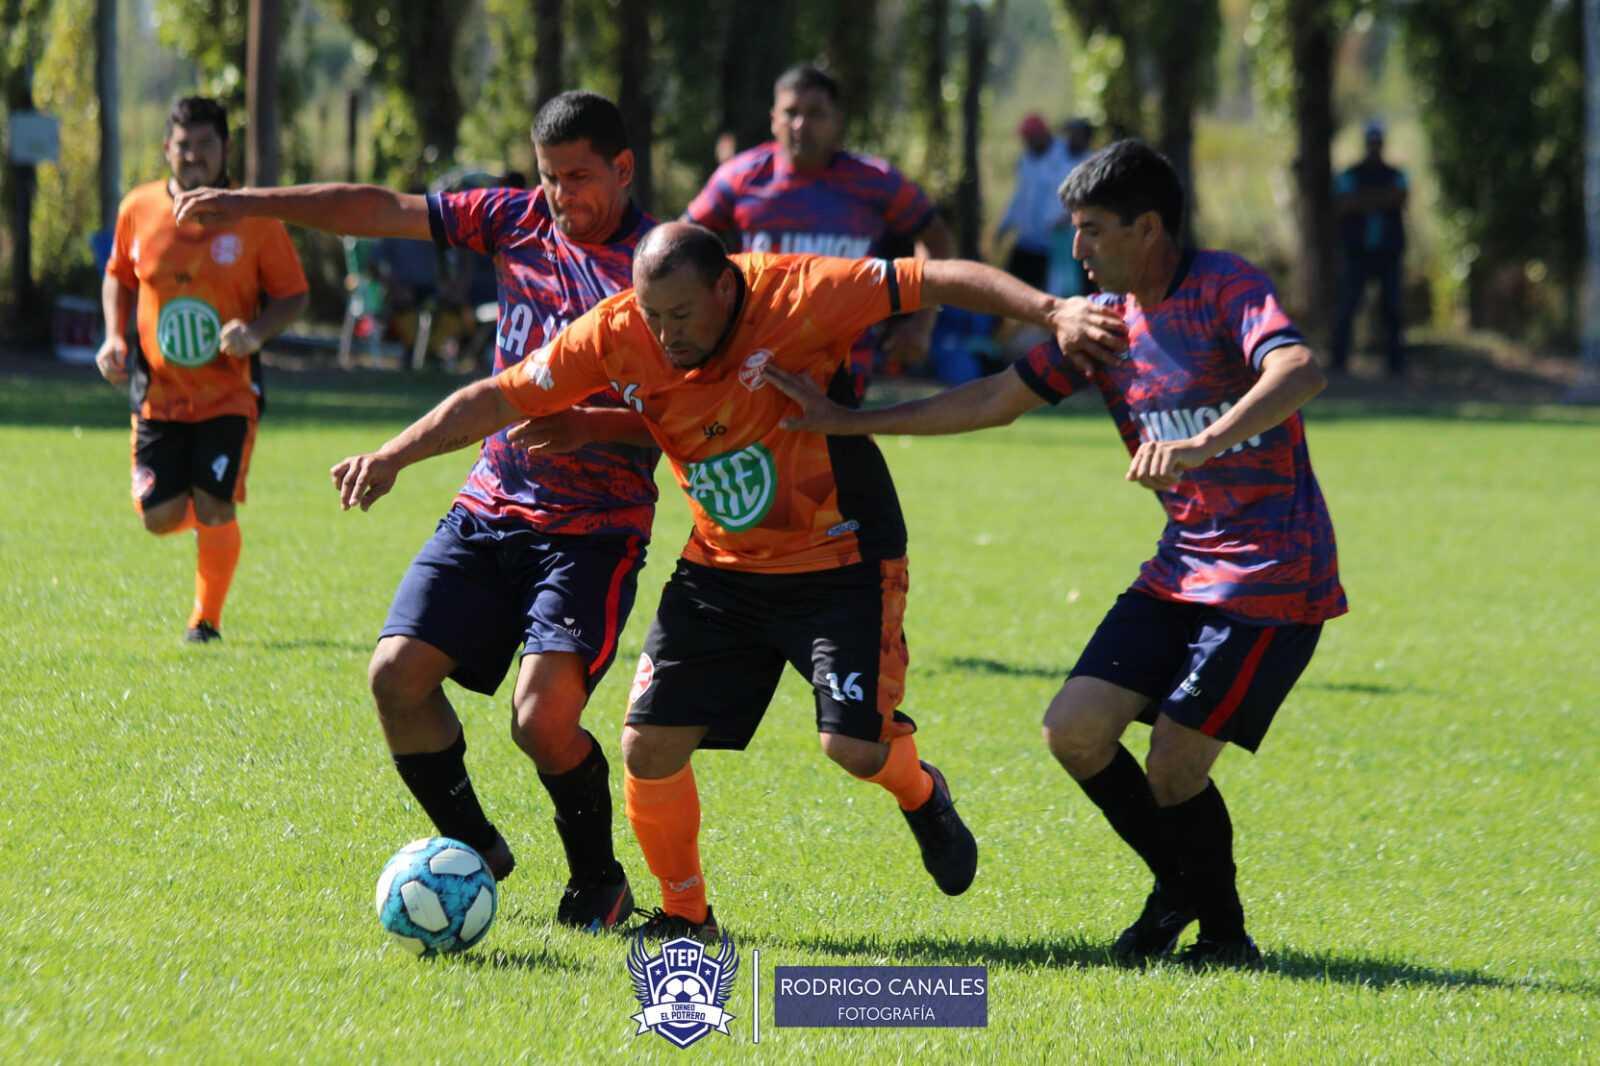 Liga Potrero Futbol: Tras la 10° fecha Independiente tomó el liderazgo